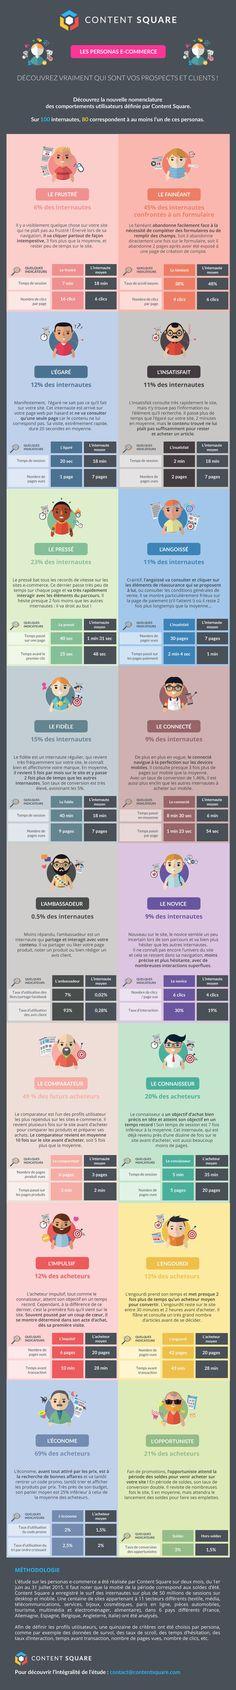 Les personas #ecommerce : découvrez qui sont vos prospects et clients ! sur le blog e-commerce WiziShop